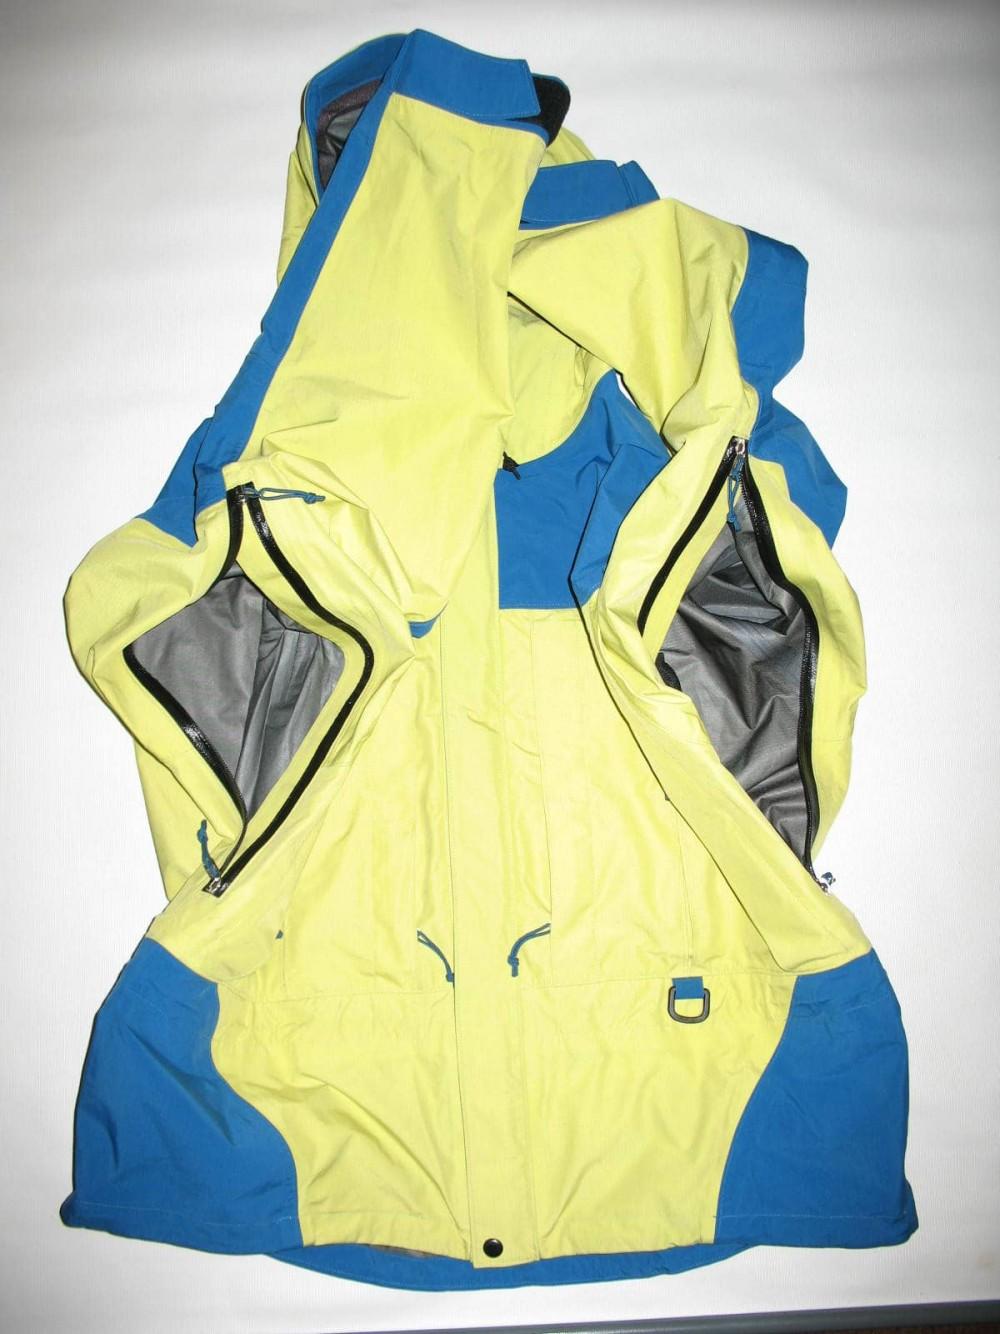 Куртка MOUNTAIN EQUIPMENT gtx outdoor jacket (размер XL/XXL) - 2